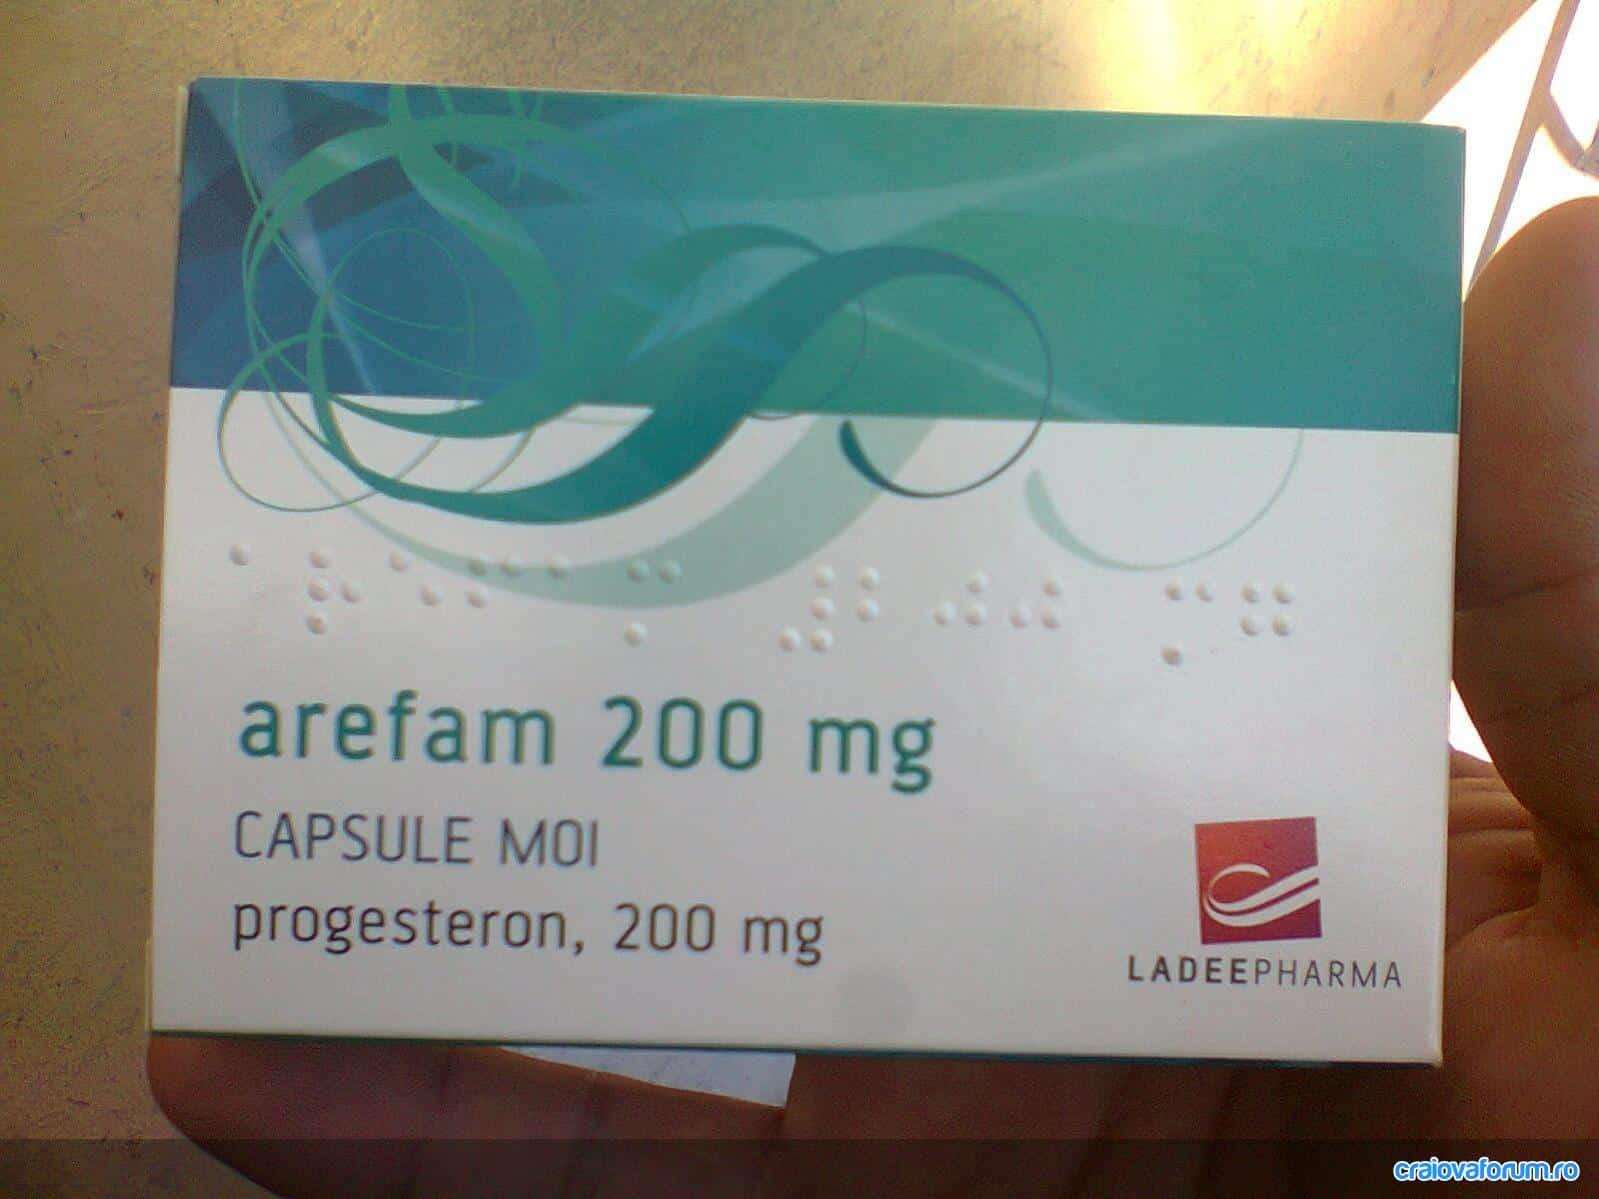 Arefam